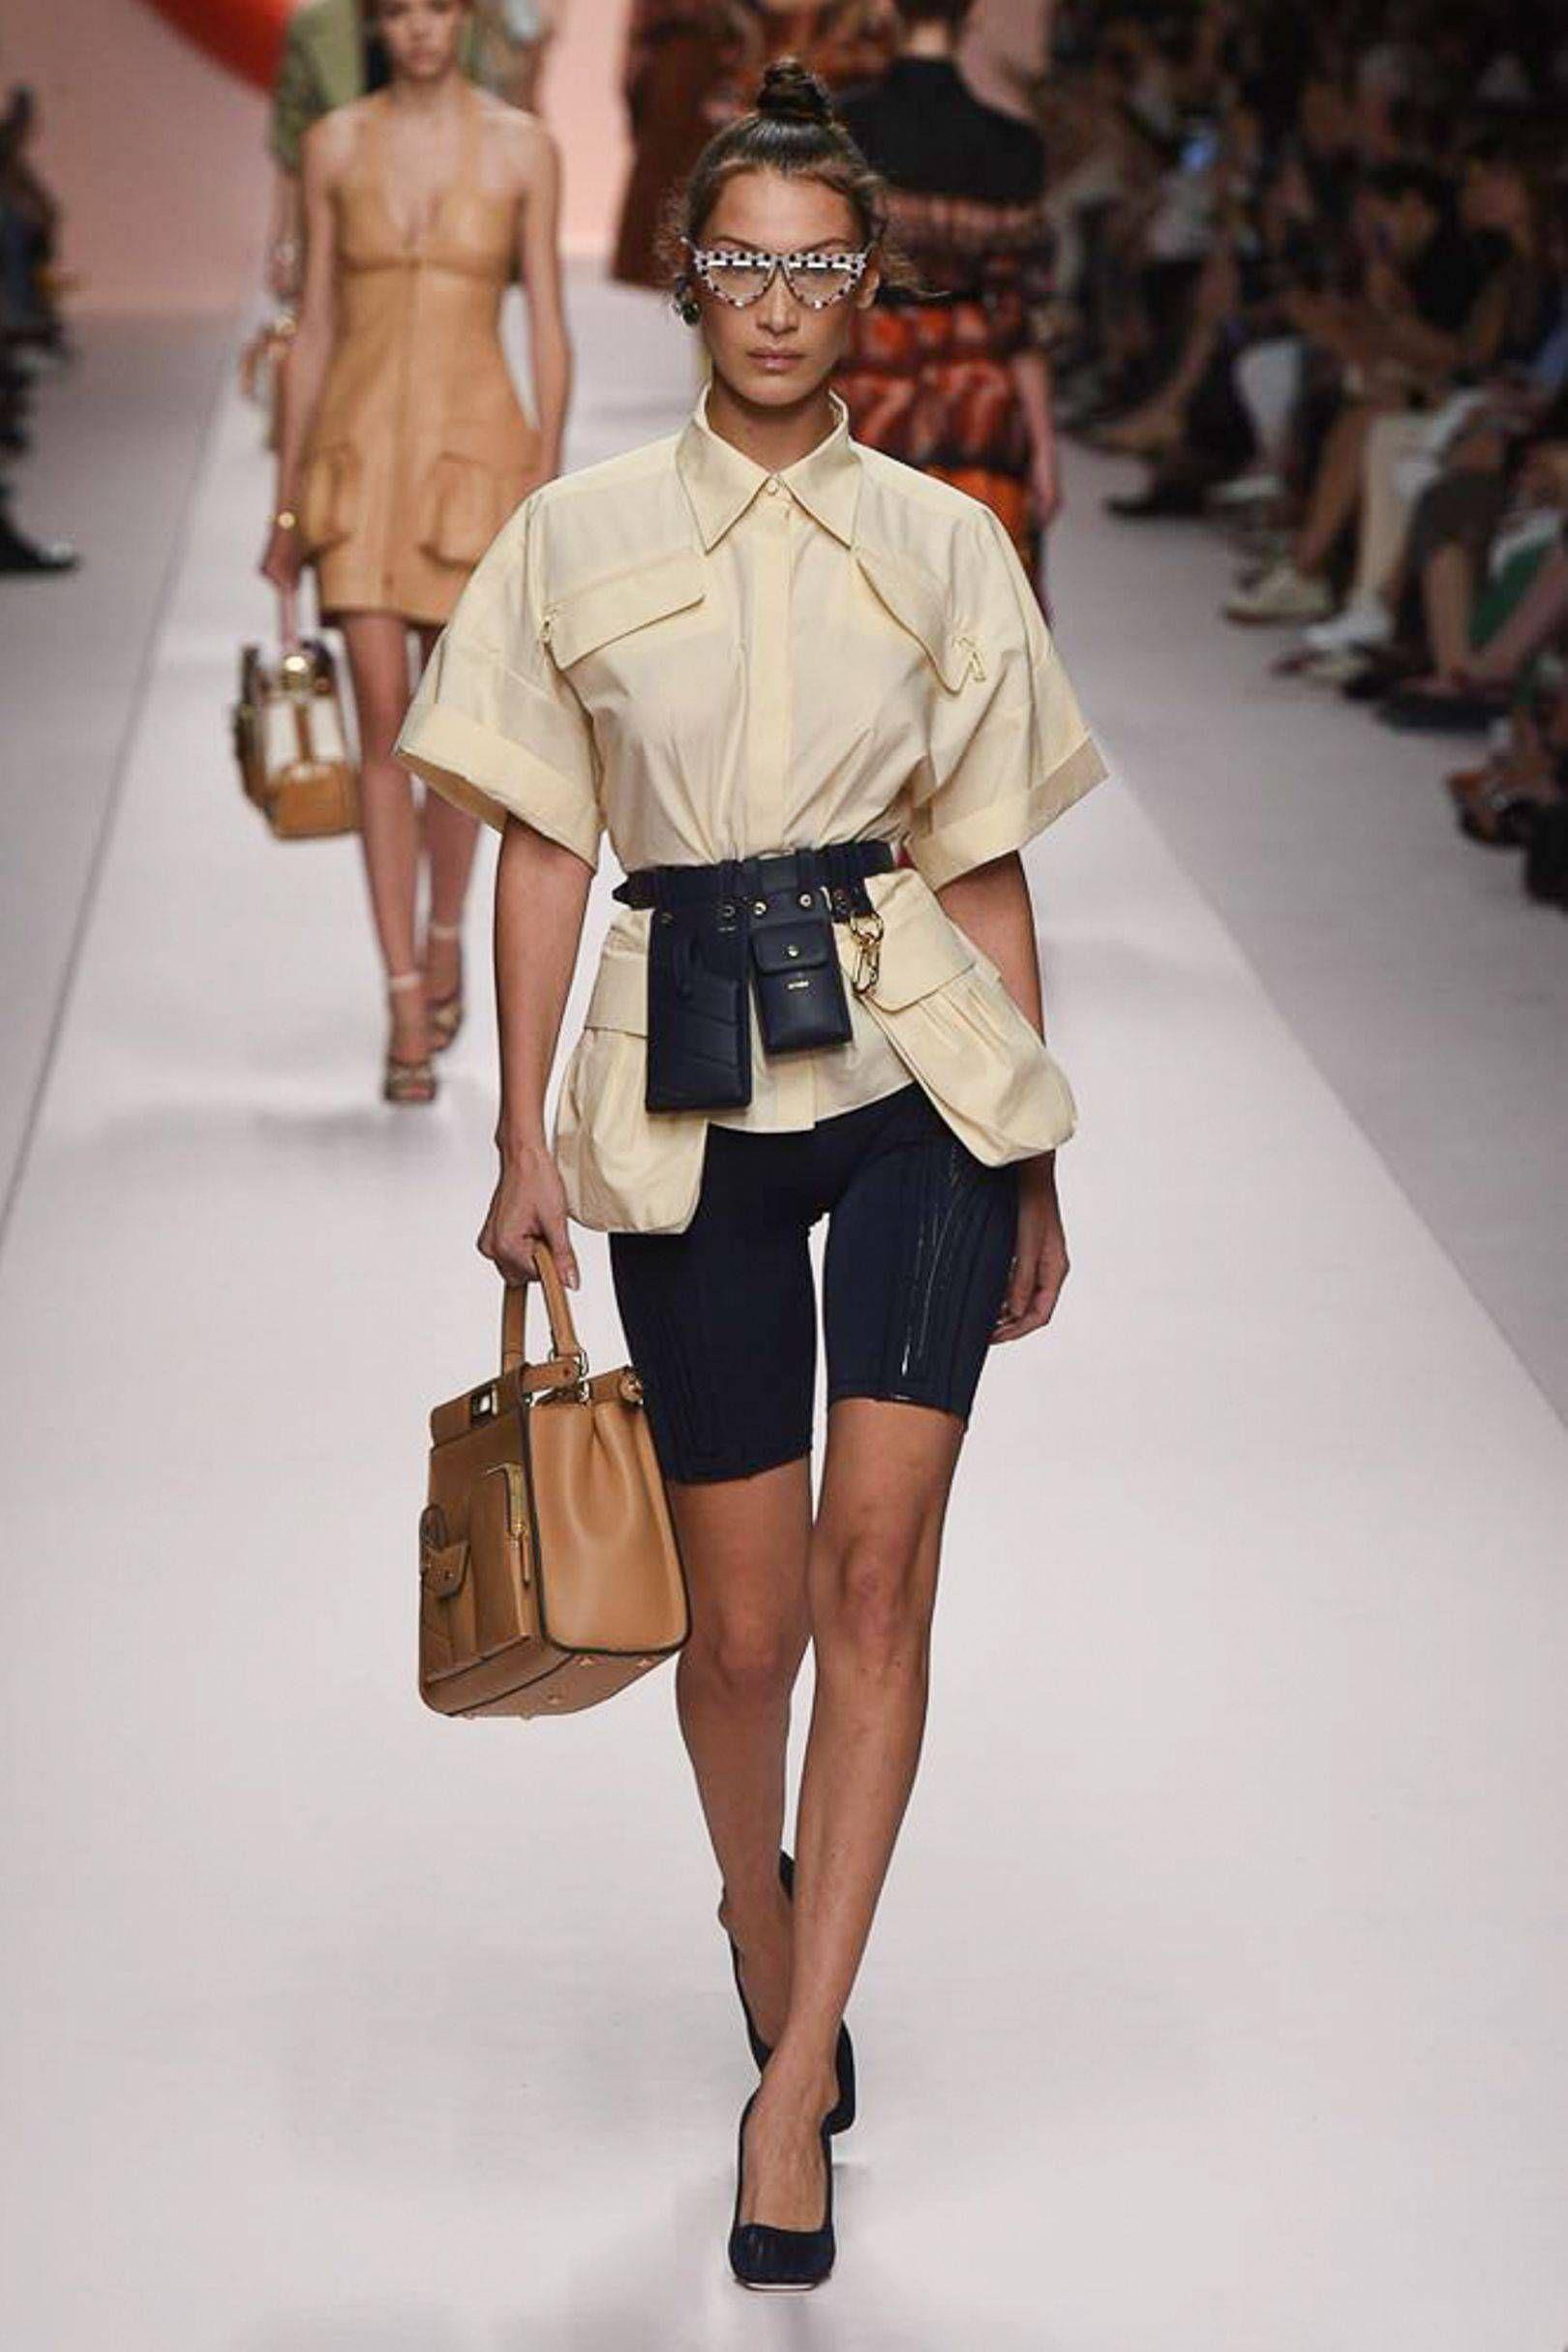 Fendi Spring/Summer 2019 Ready-To-wear